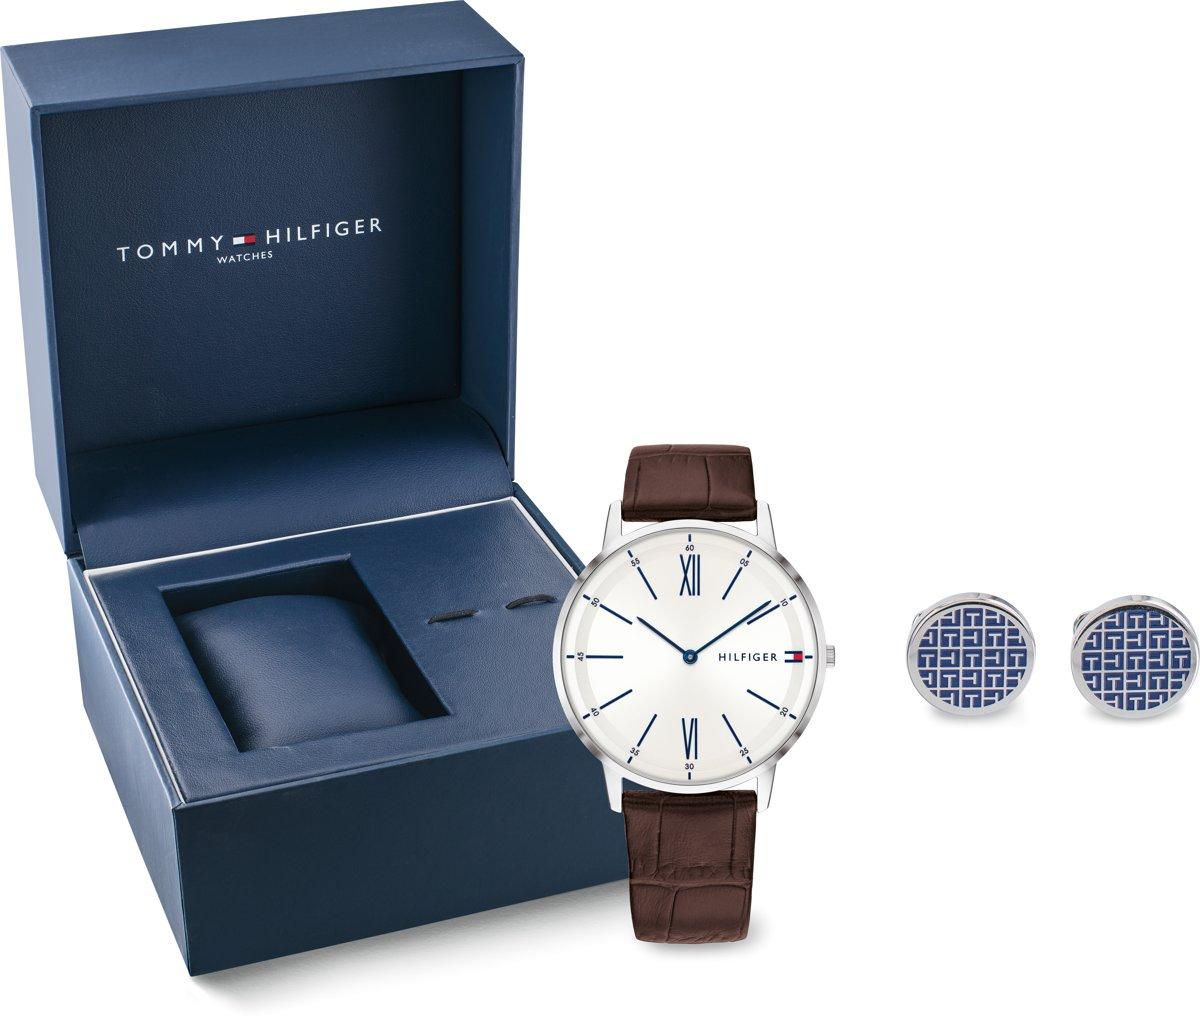 Tommy Hilfiger TH2770031 Giftset horloge heren - bruin - staal kopen